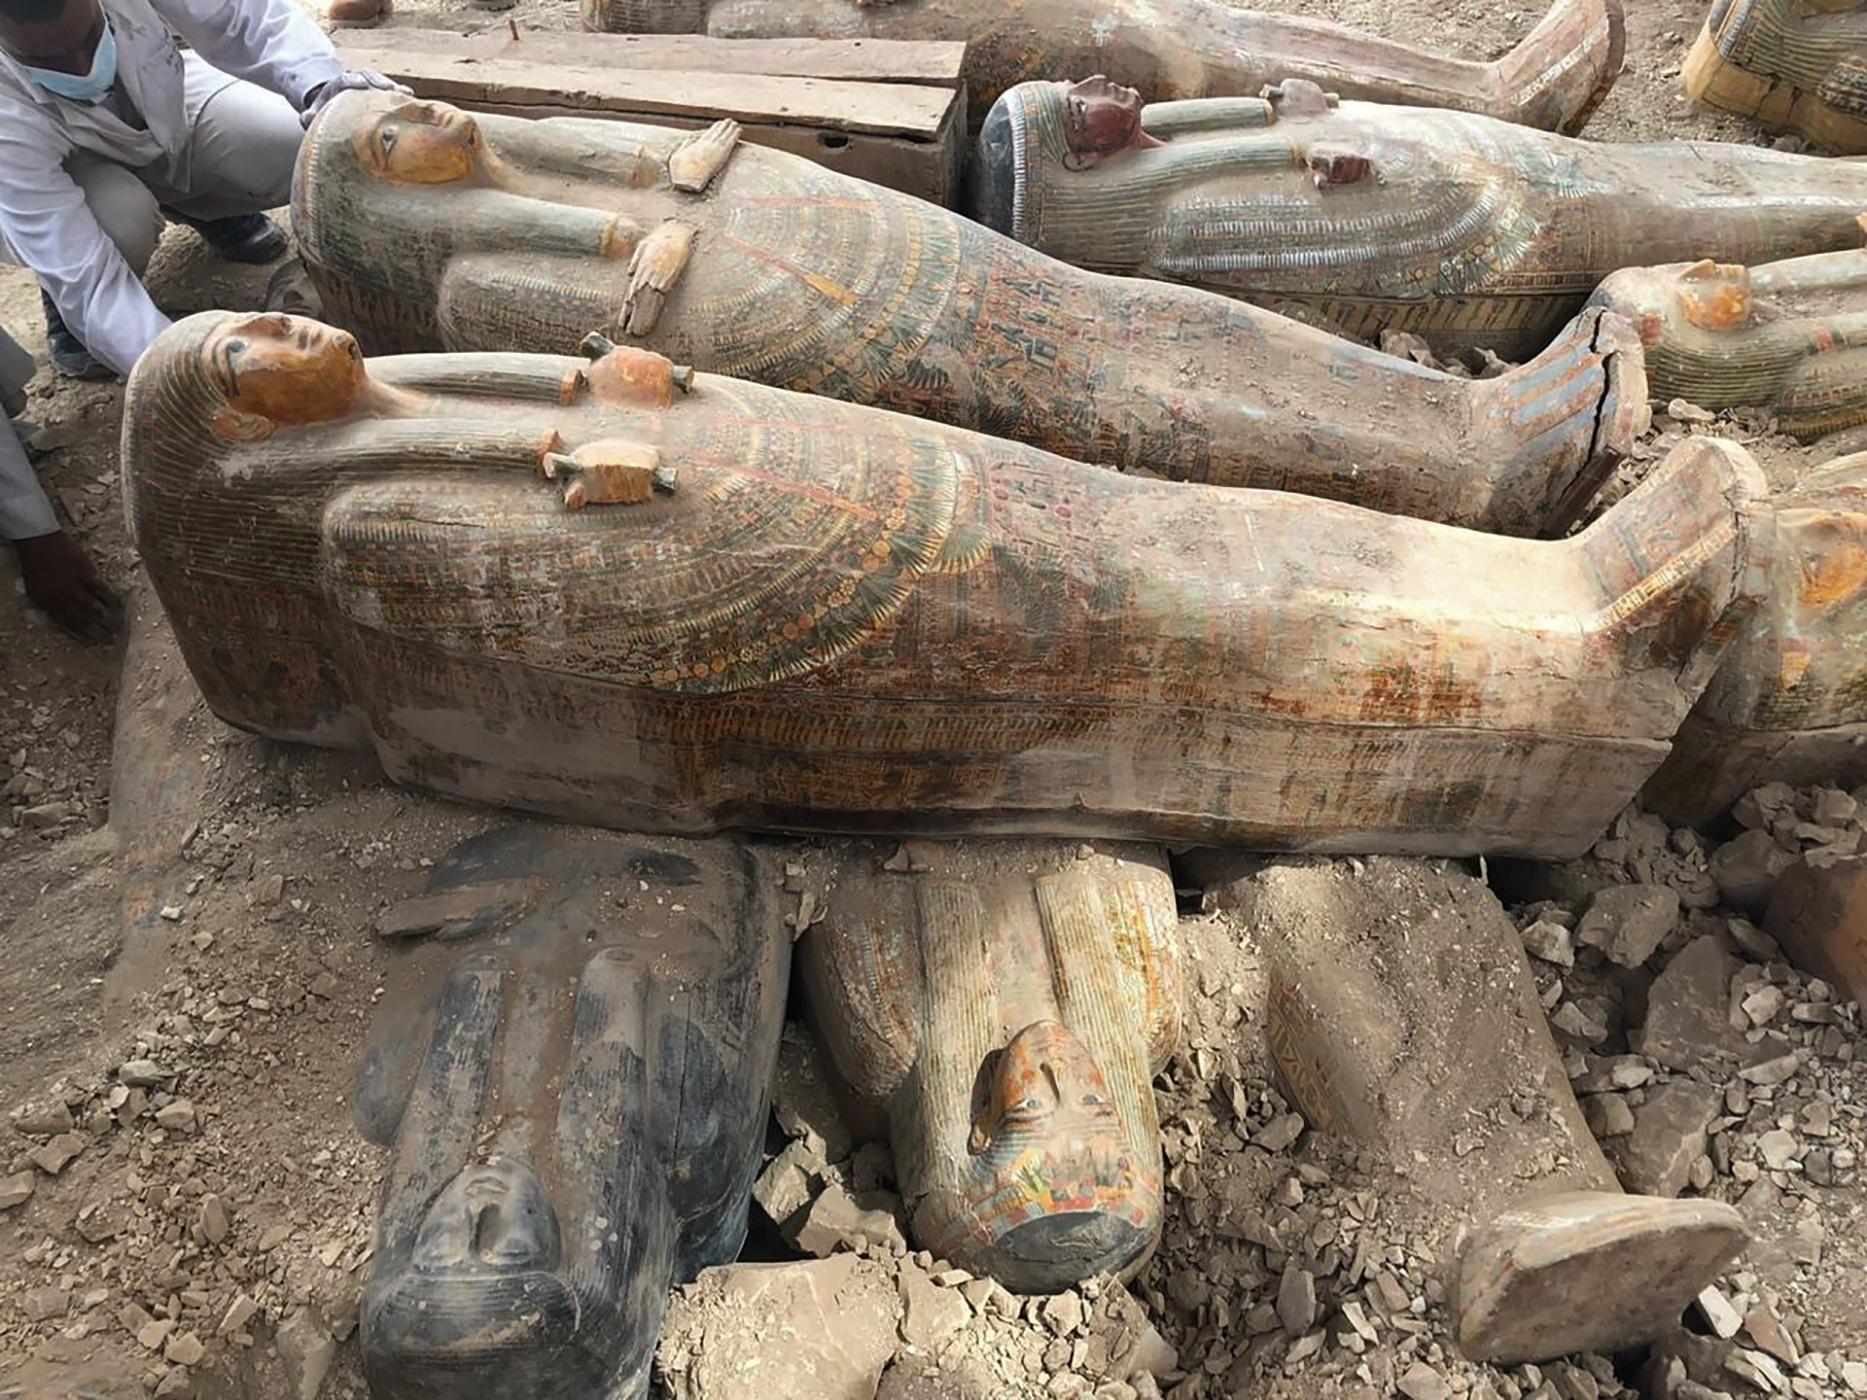 """이집트 유물부는 16일 """"20여 개의 목관이 룩소르 남부의 소도시 아사시프 네크로폴리스에서 나왔다""""며 """"최근 고고학적 발견 중 가장 의미가 있다""""고 밝혔다. 고대 목관들은 채색 그림이 그려져 있다. [AP=연합뉴스]."""